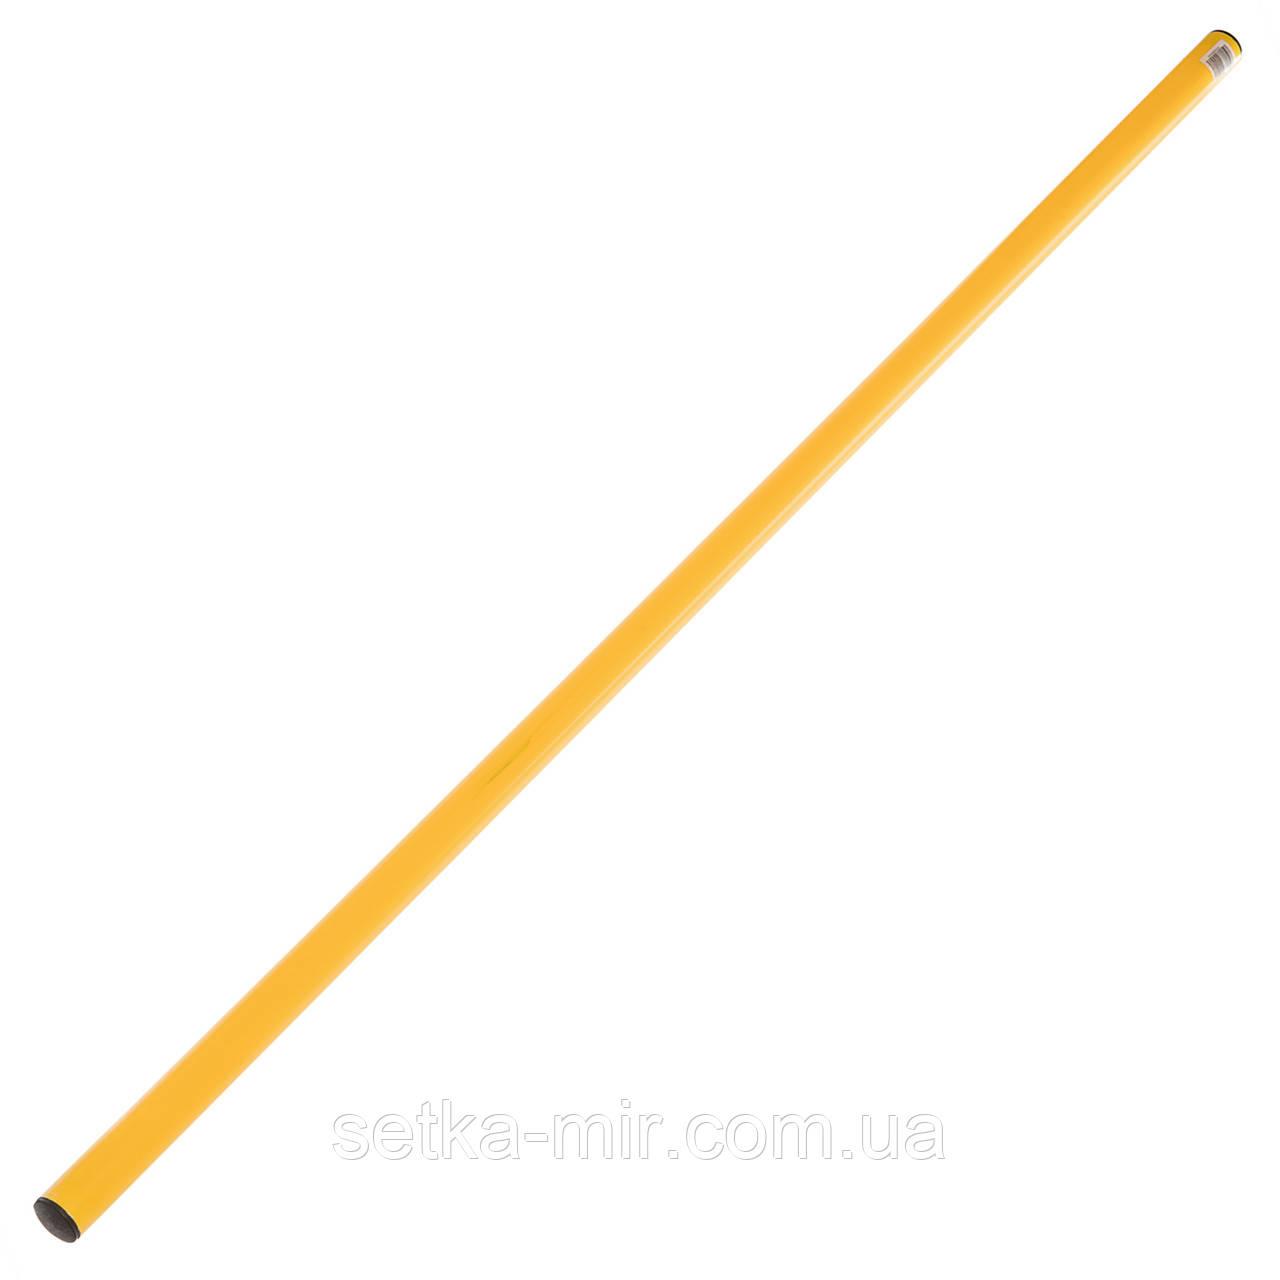 Палка гимнастическая тренировочная (штанга) пластик 1м, цвета в ассортименте